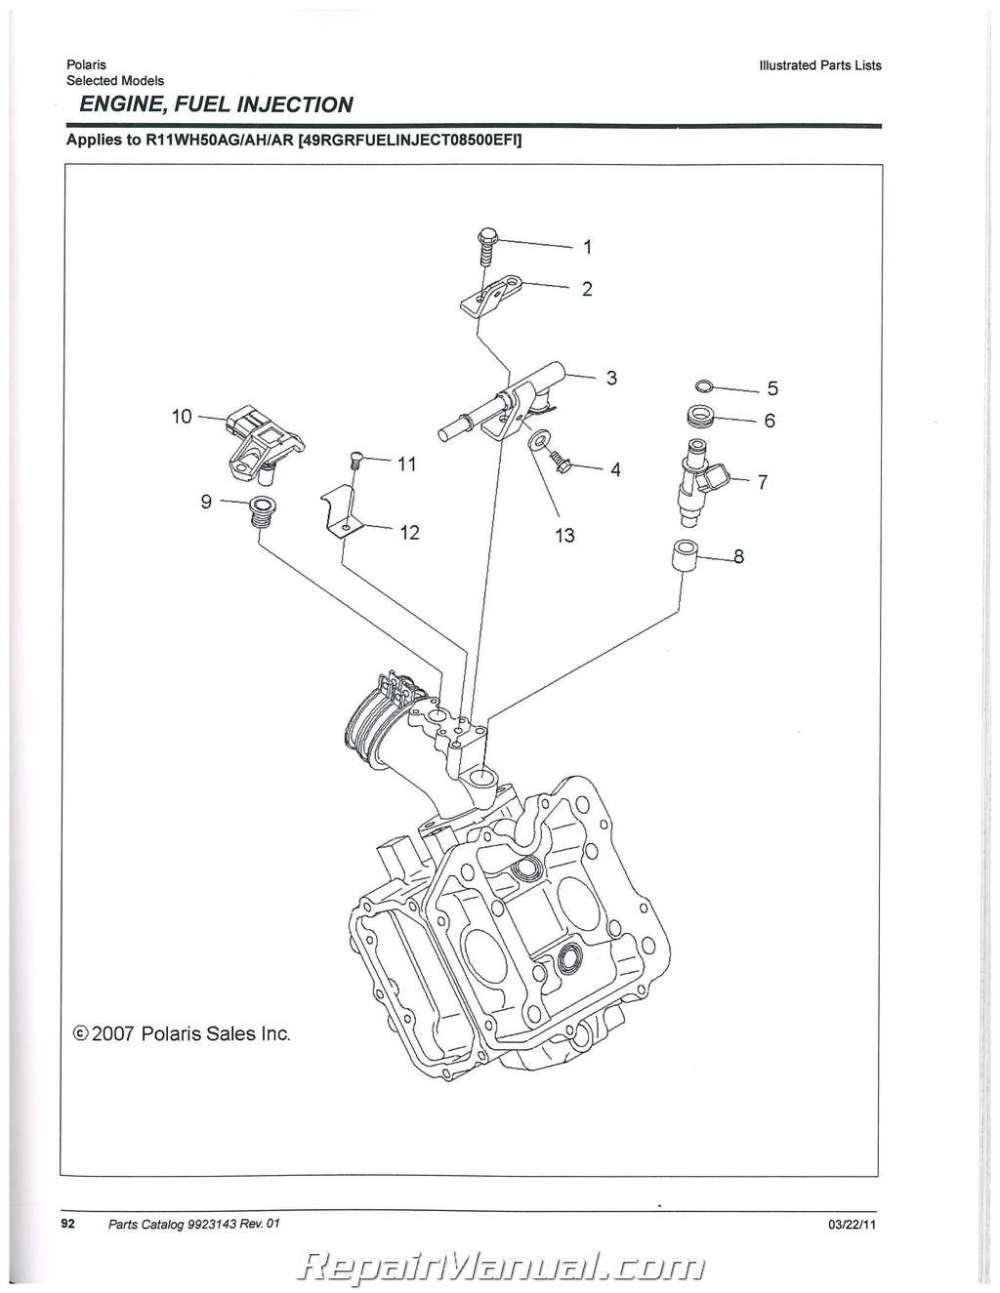 medium resolution of polari ranger part diagram